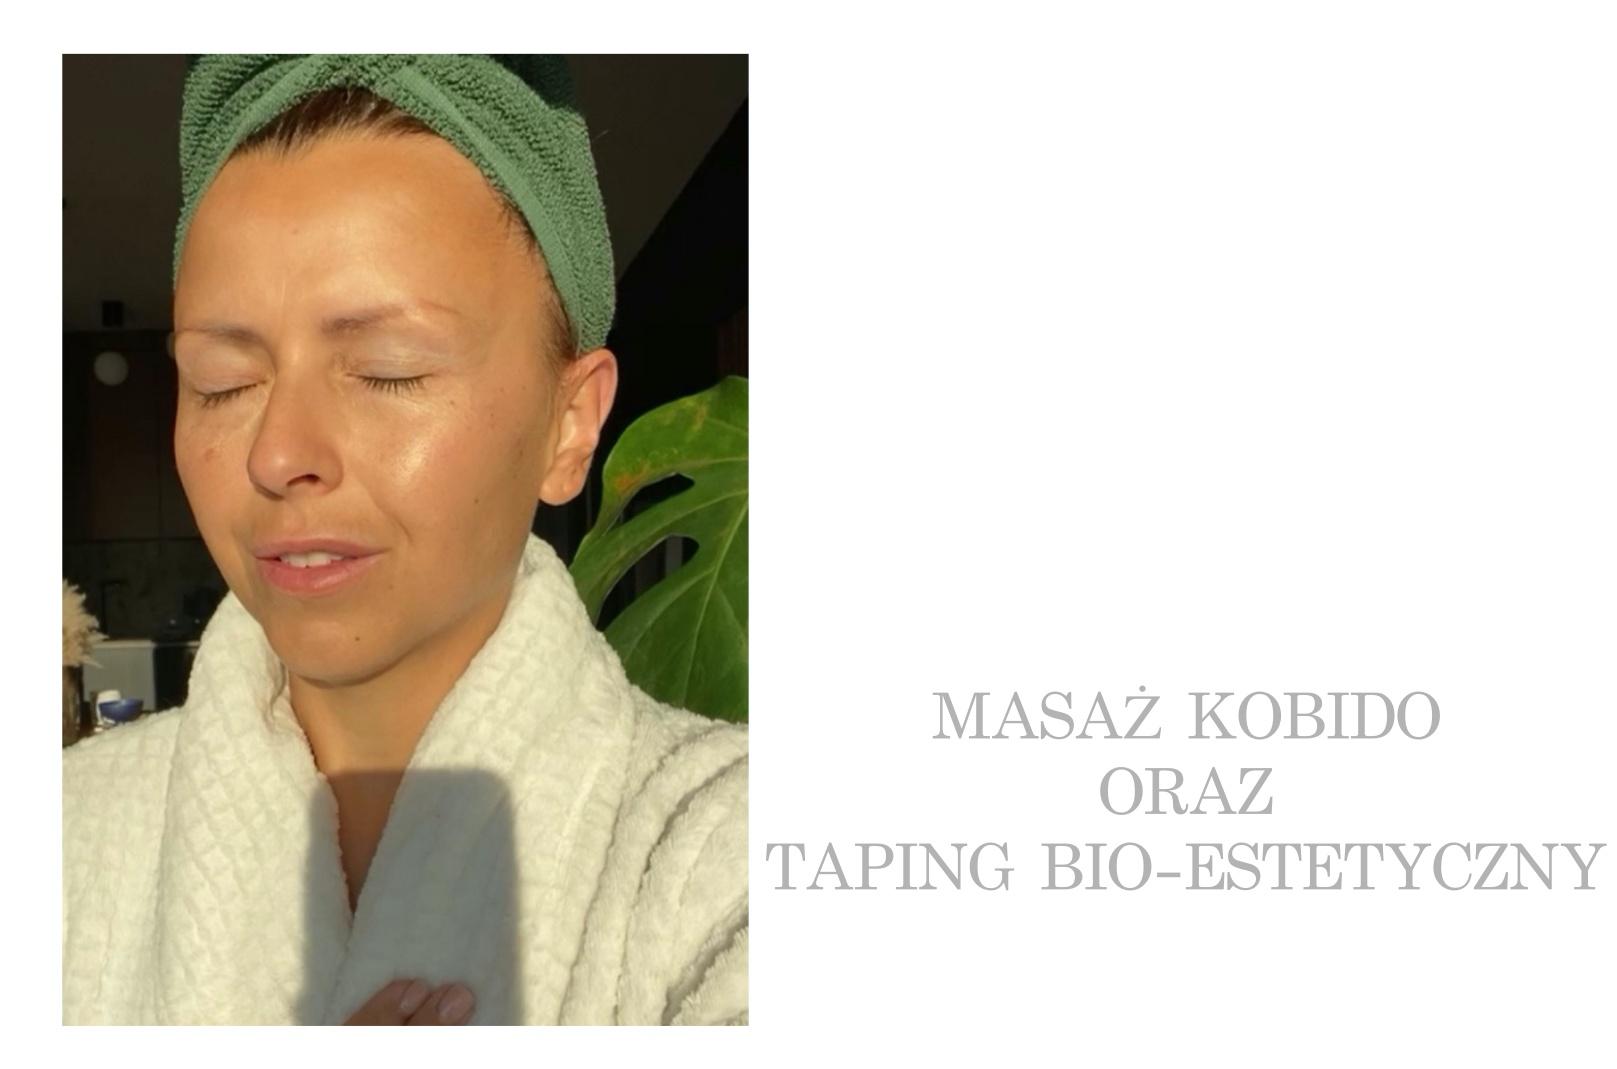 MASAŻ KOBIDO I TAPING BIO-ESTETYCZNY